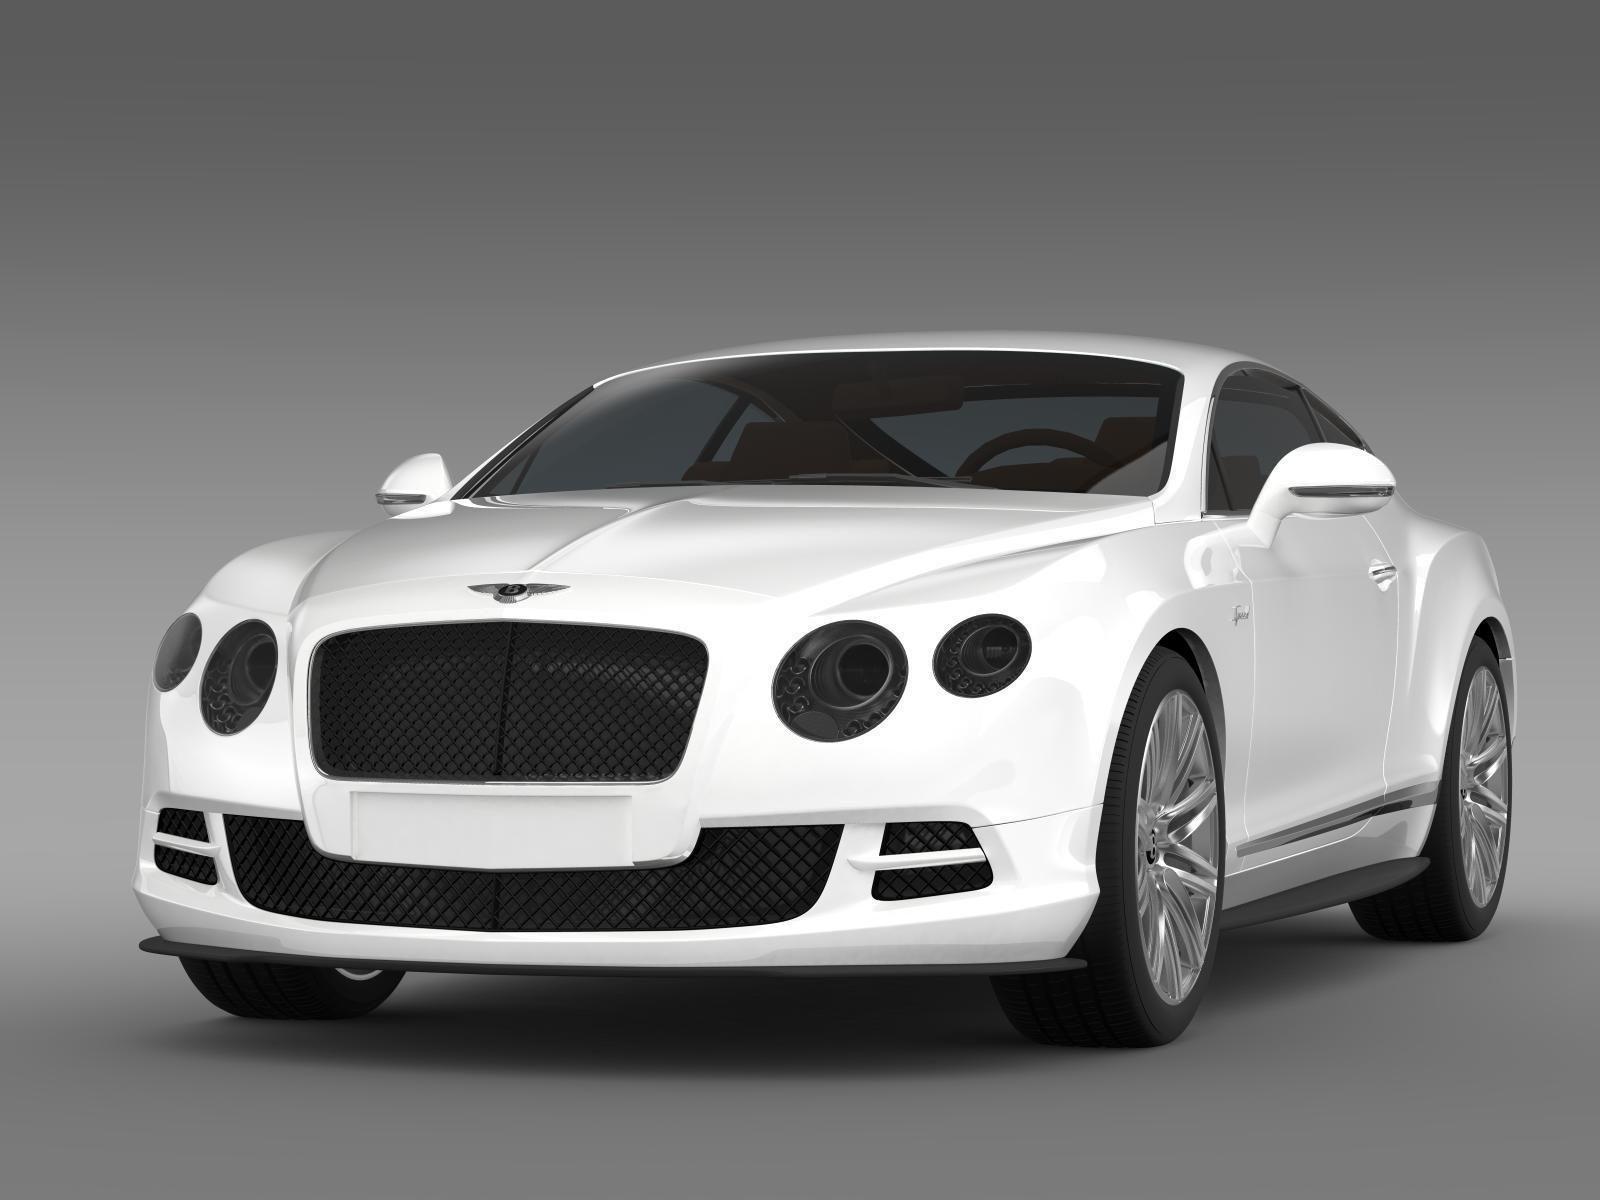 ... Bentley Continental Gt Speed 2014 3d Model Max Obj 3ds Fbx C4d Lwo Lw  Lws 5 ...